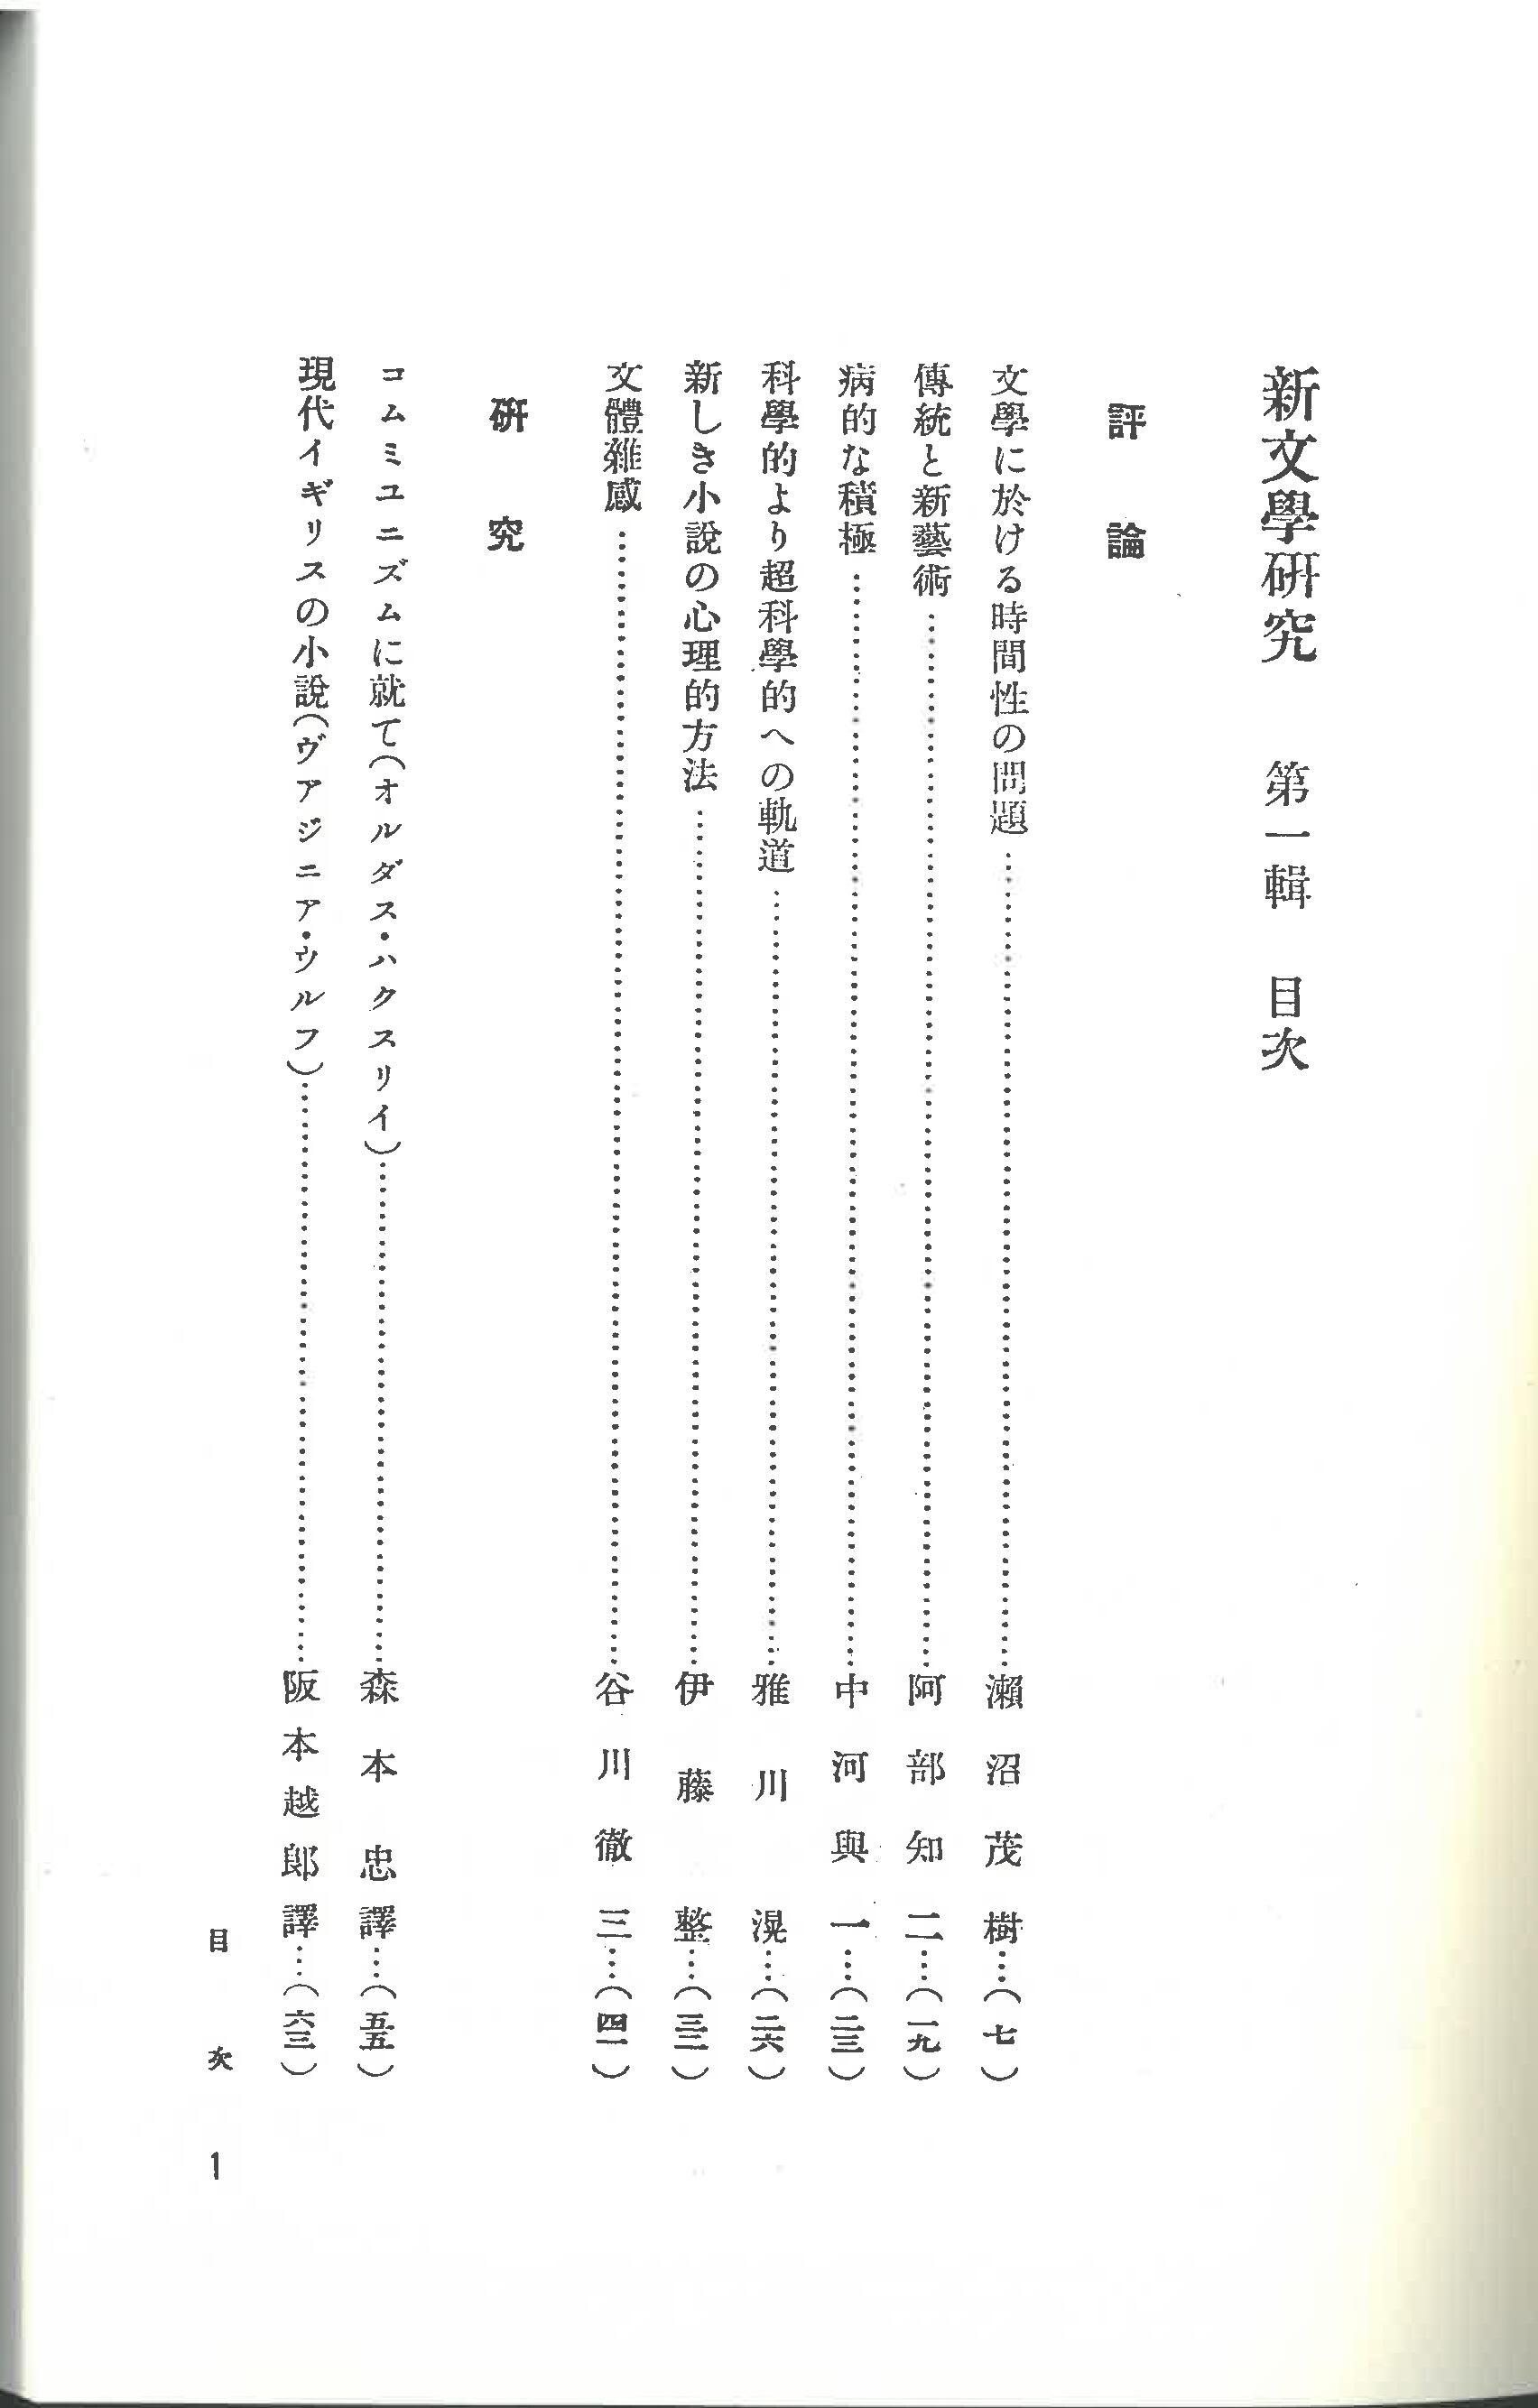 『新文学研究』第一輯目次(一部).jpg